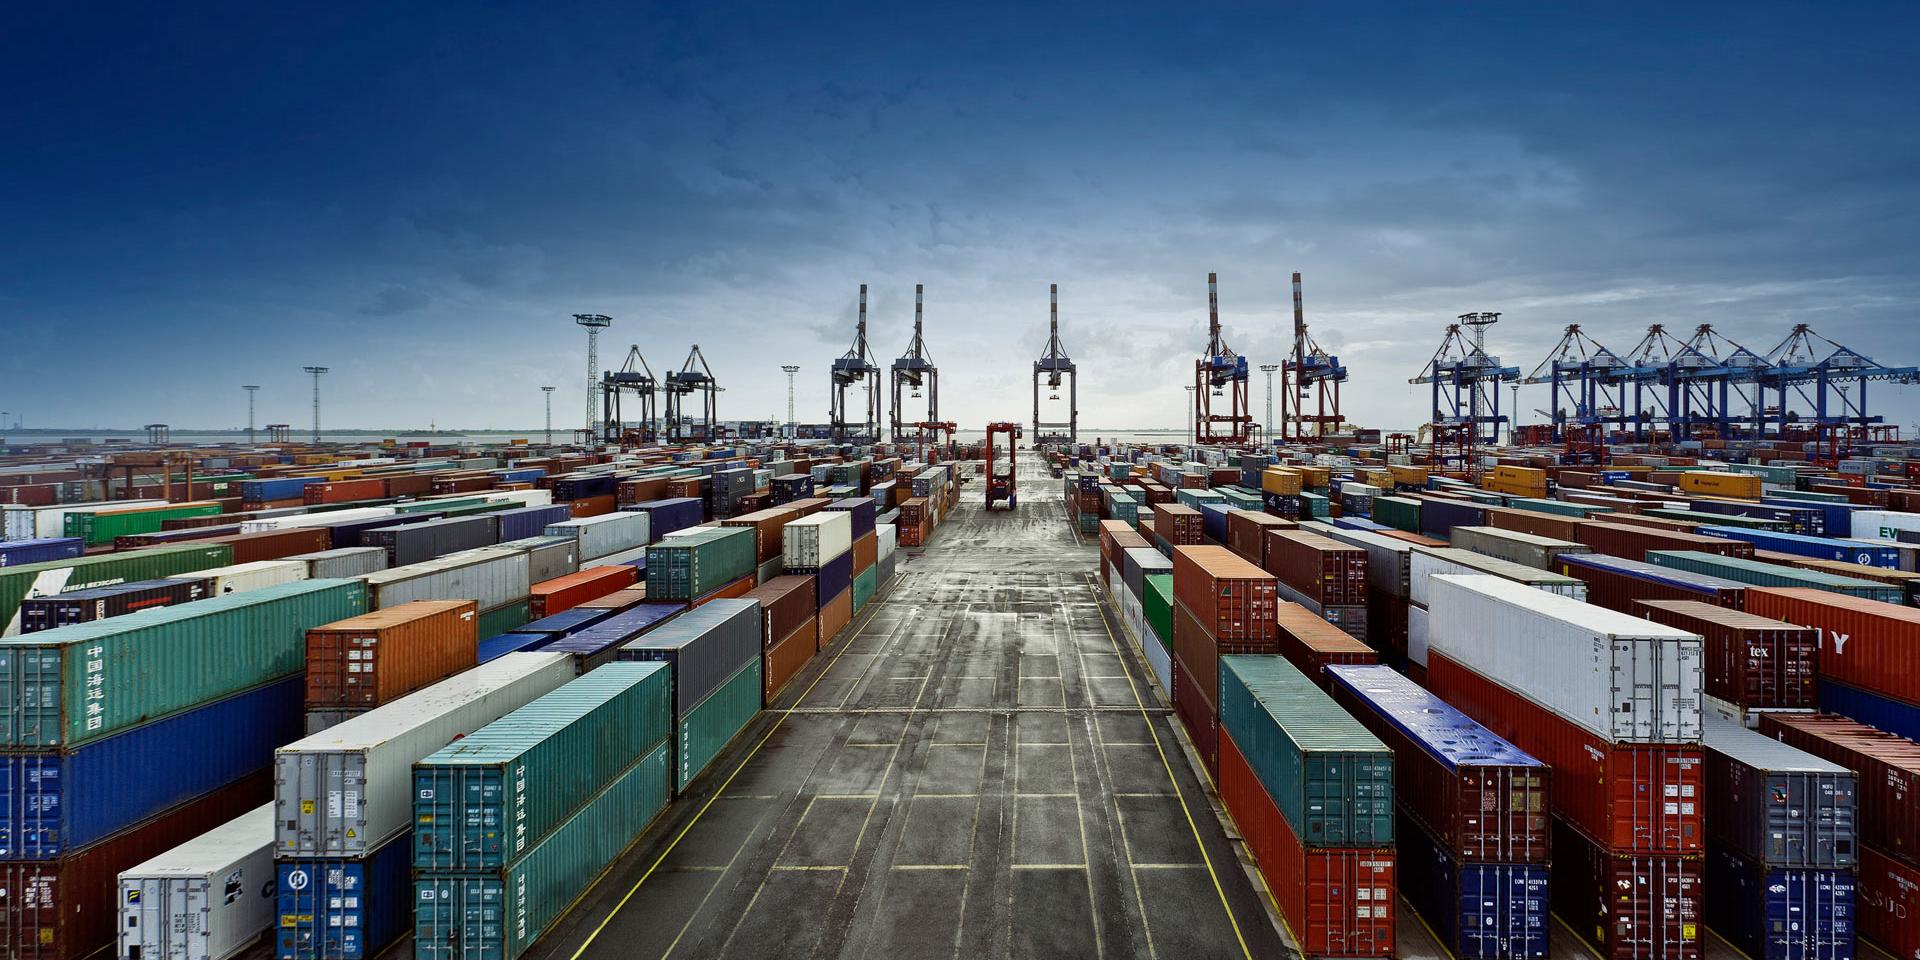 افزایش ۱۵ درصدی صادرات غیرنفتی در فروردین